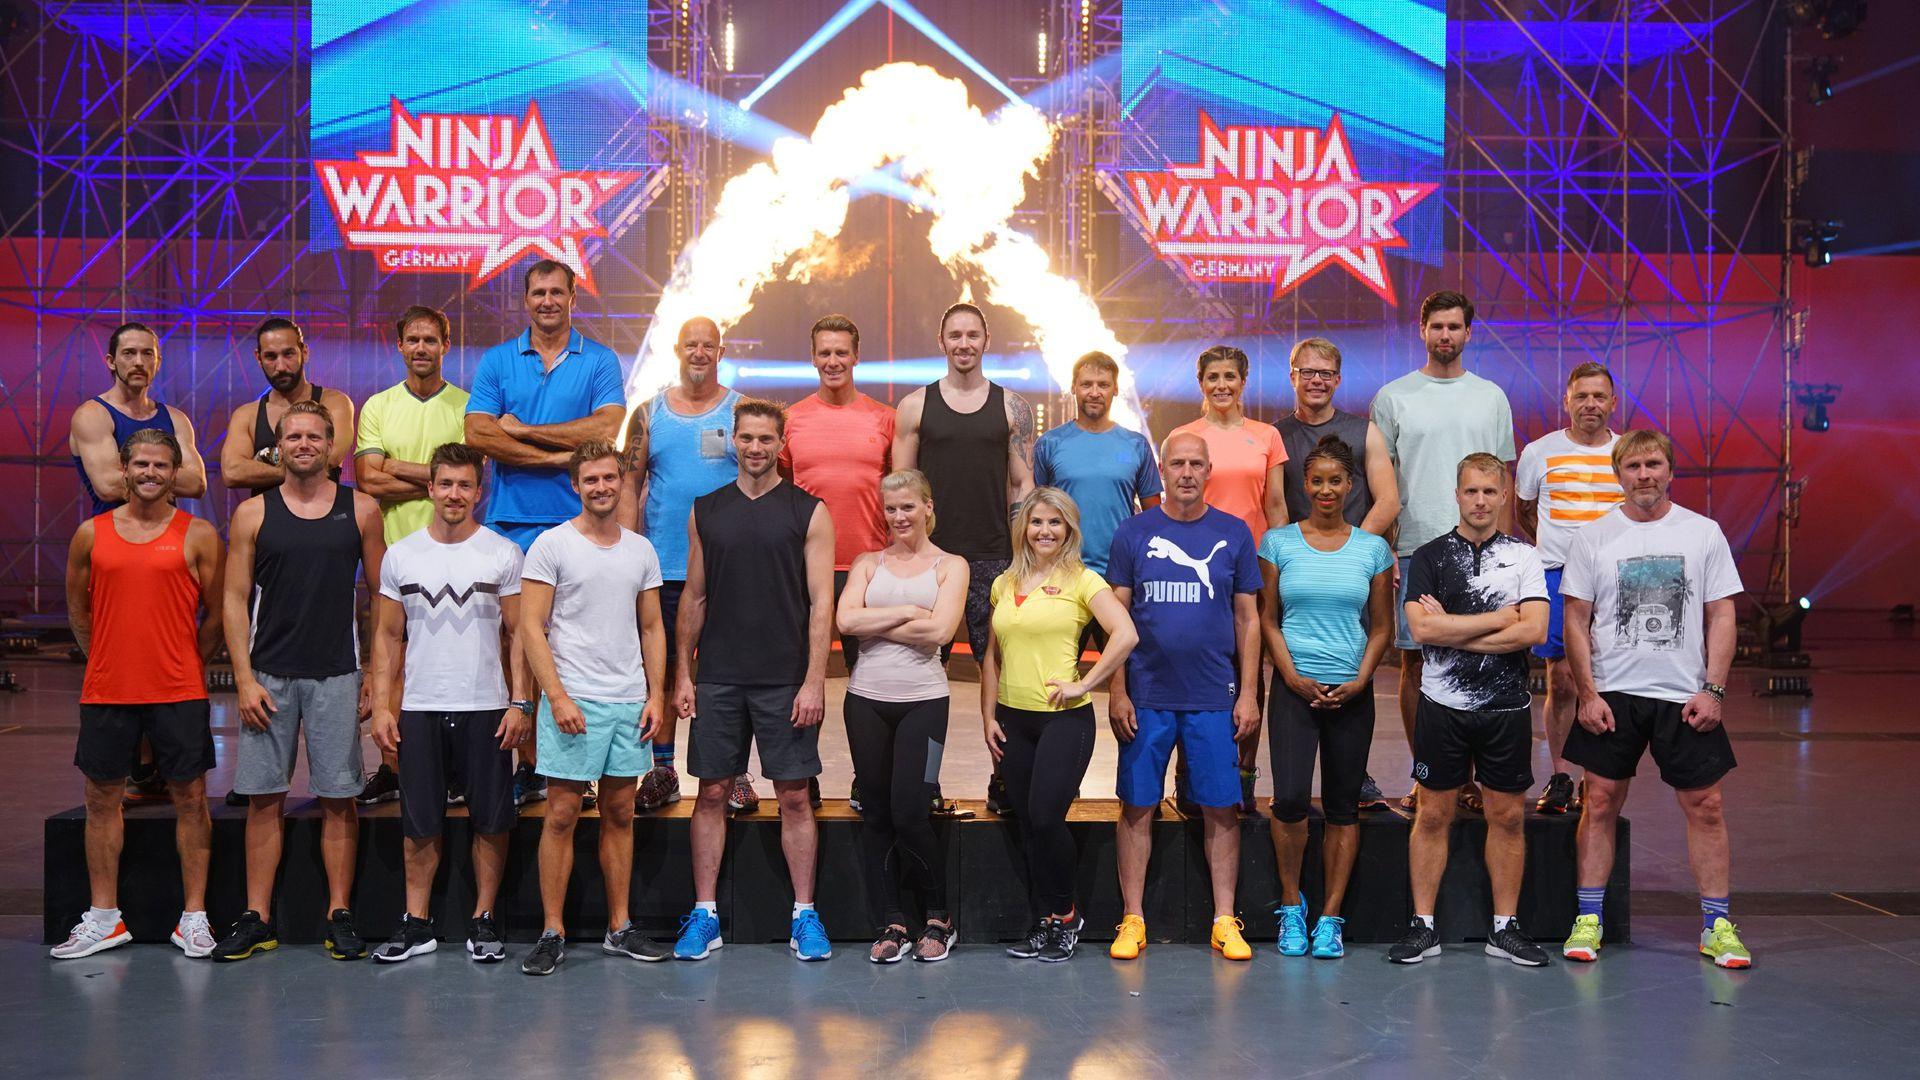 Ninja Warrior Promi